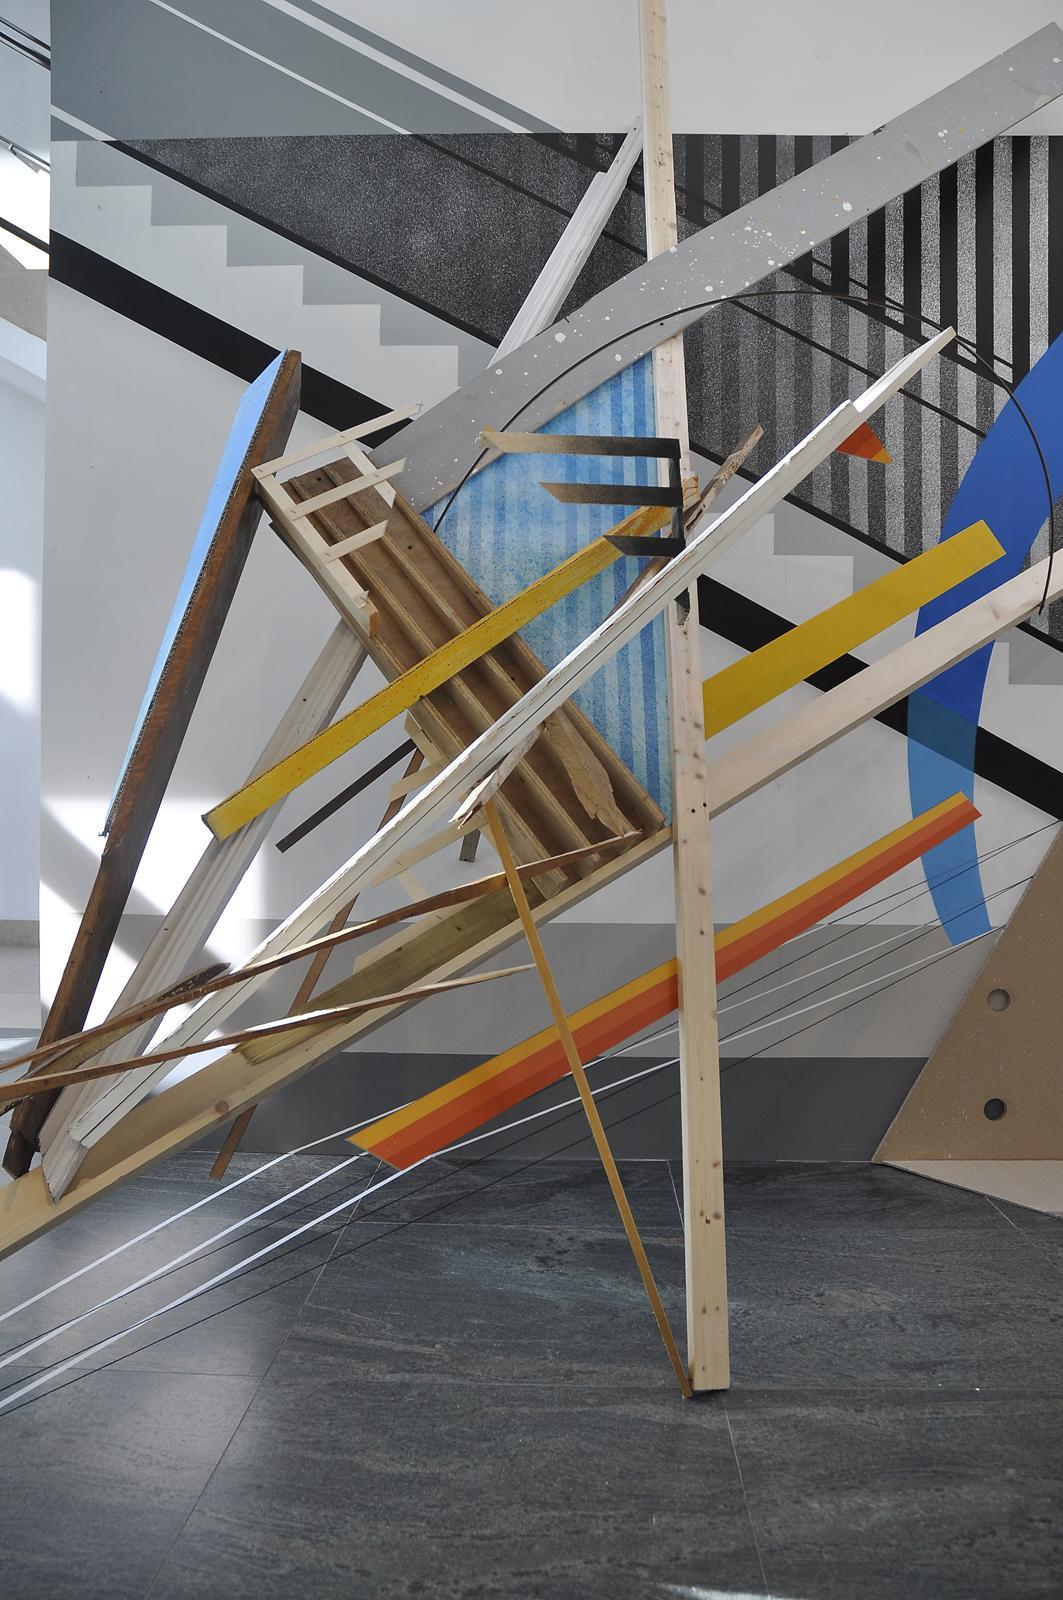 gilbert1 solo show musée des beaux arts de nancy street art artistik rezo paris